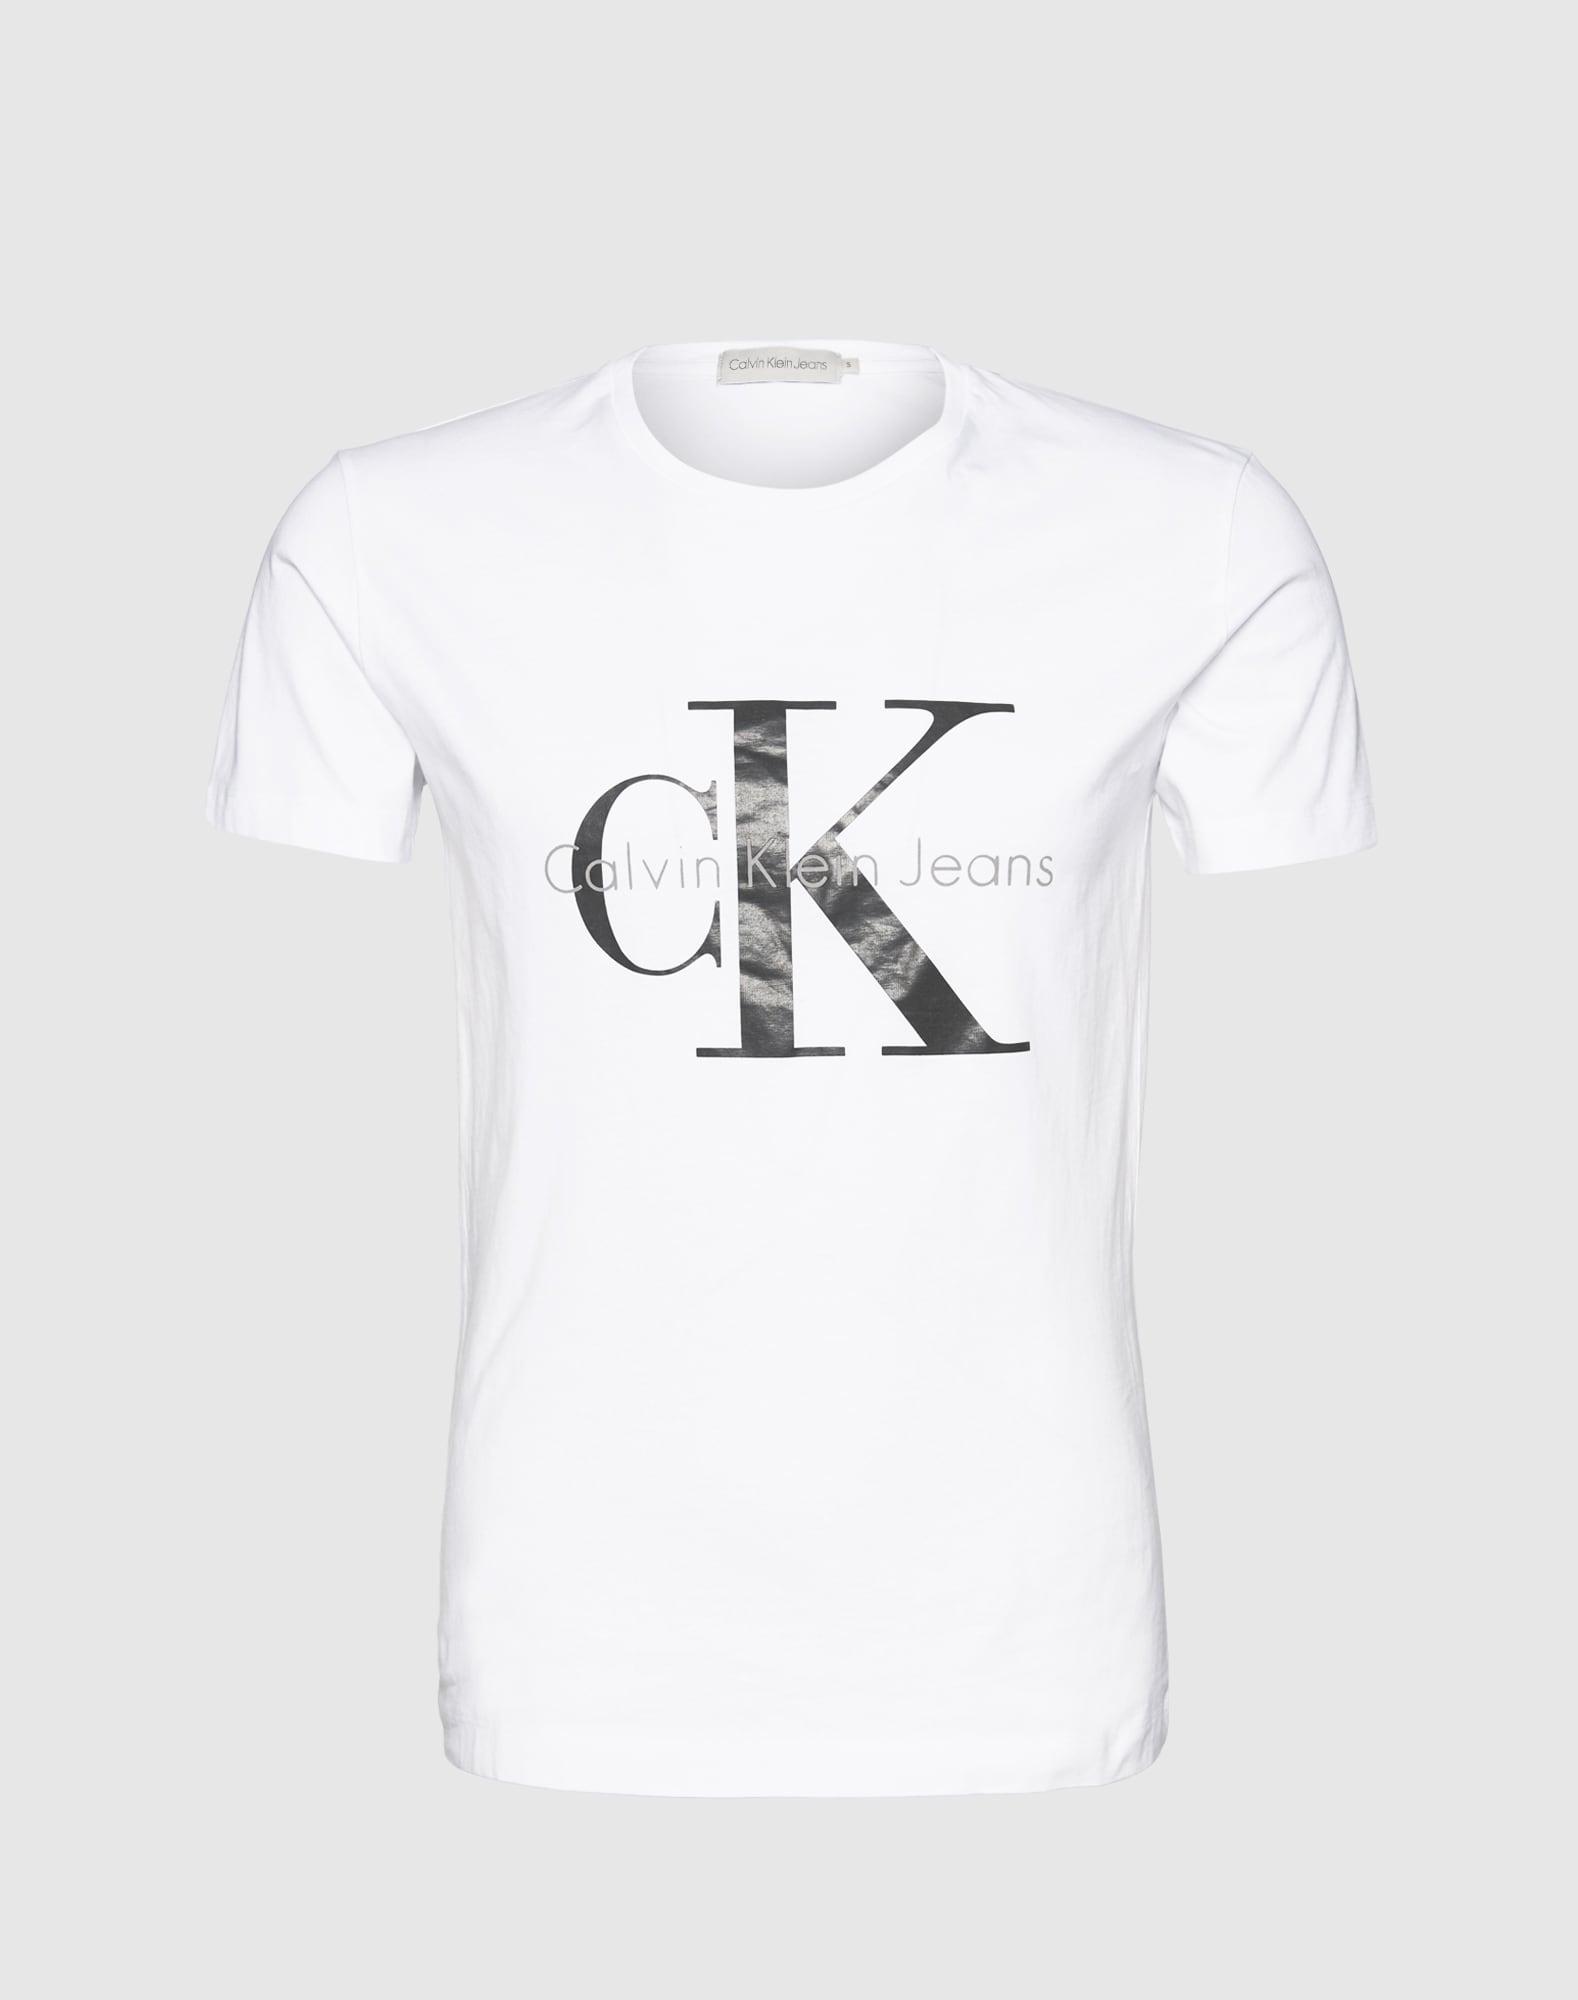 Calvin Klein Jeans, Heren Shirt, zwart - wit